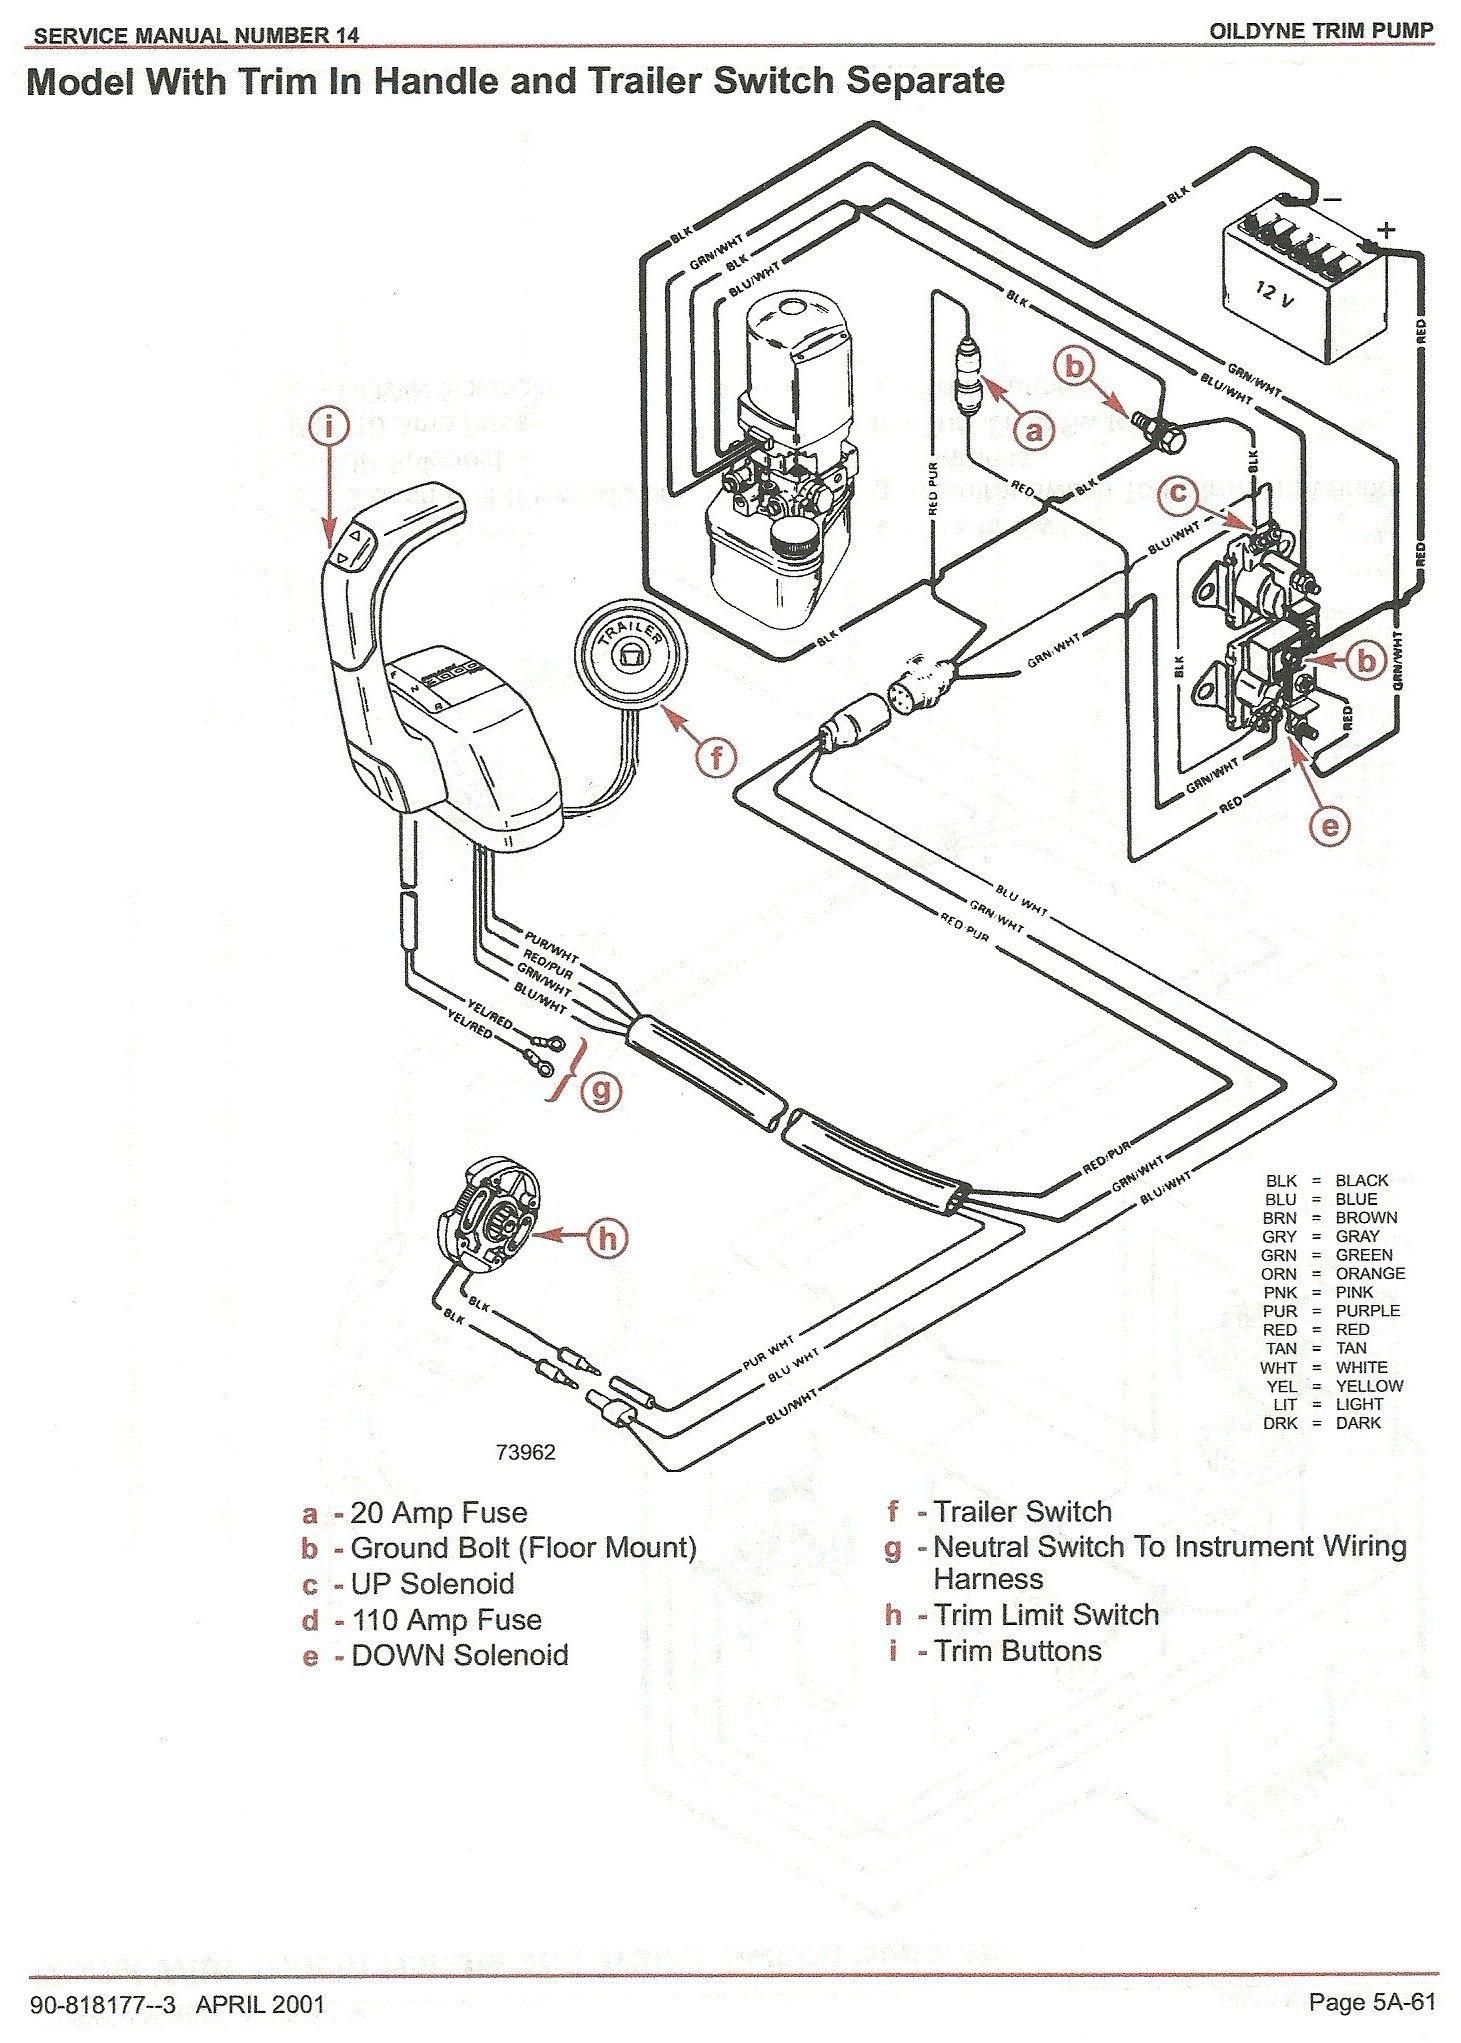 Mercruiser Trim Pump Wiring Wiring Diagram Circuit Diagram Diagram Electrical Circuit Diagram